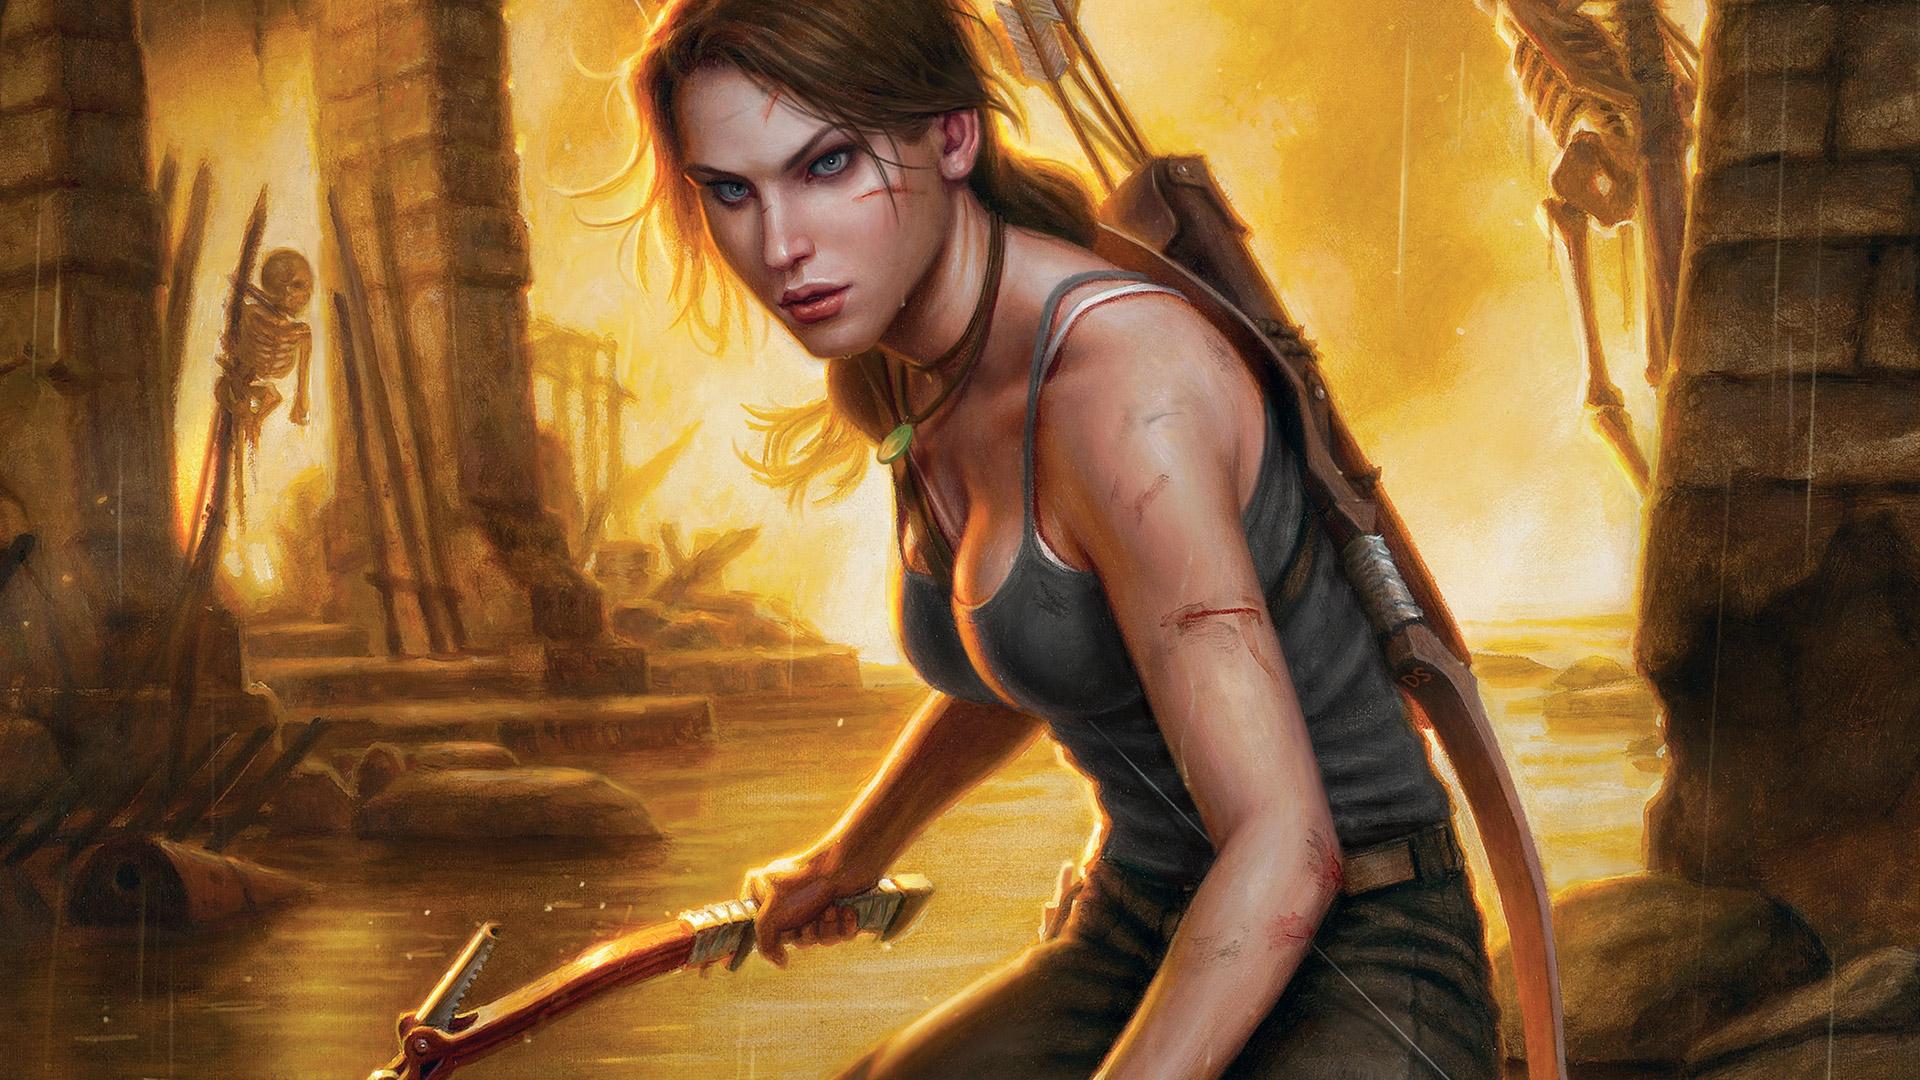 Free Tomb Raider Wallpaper in 1920x1080